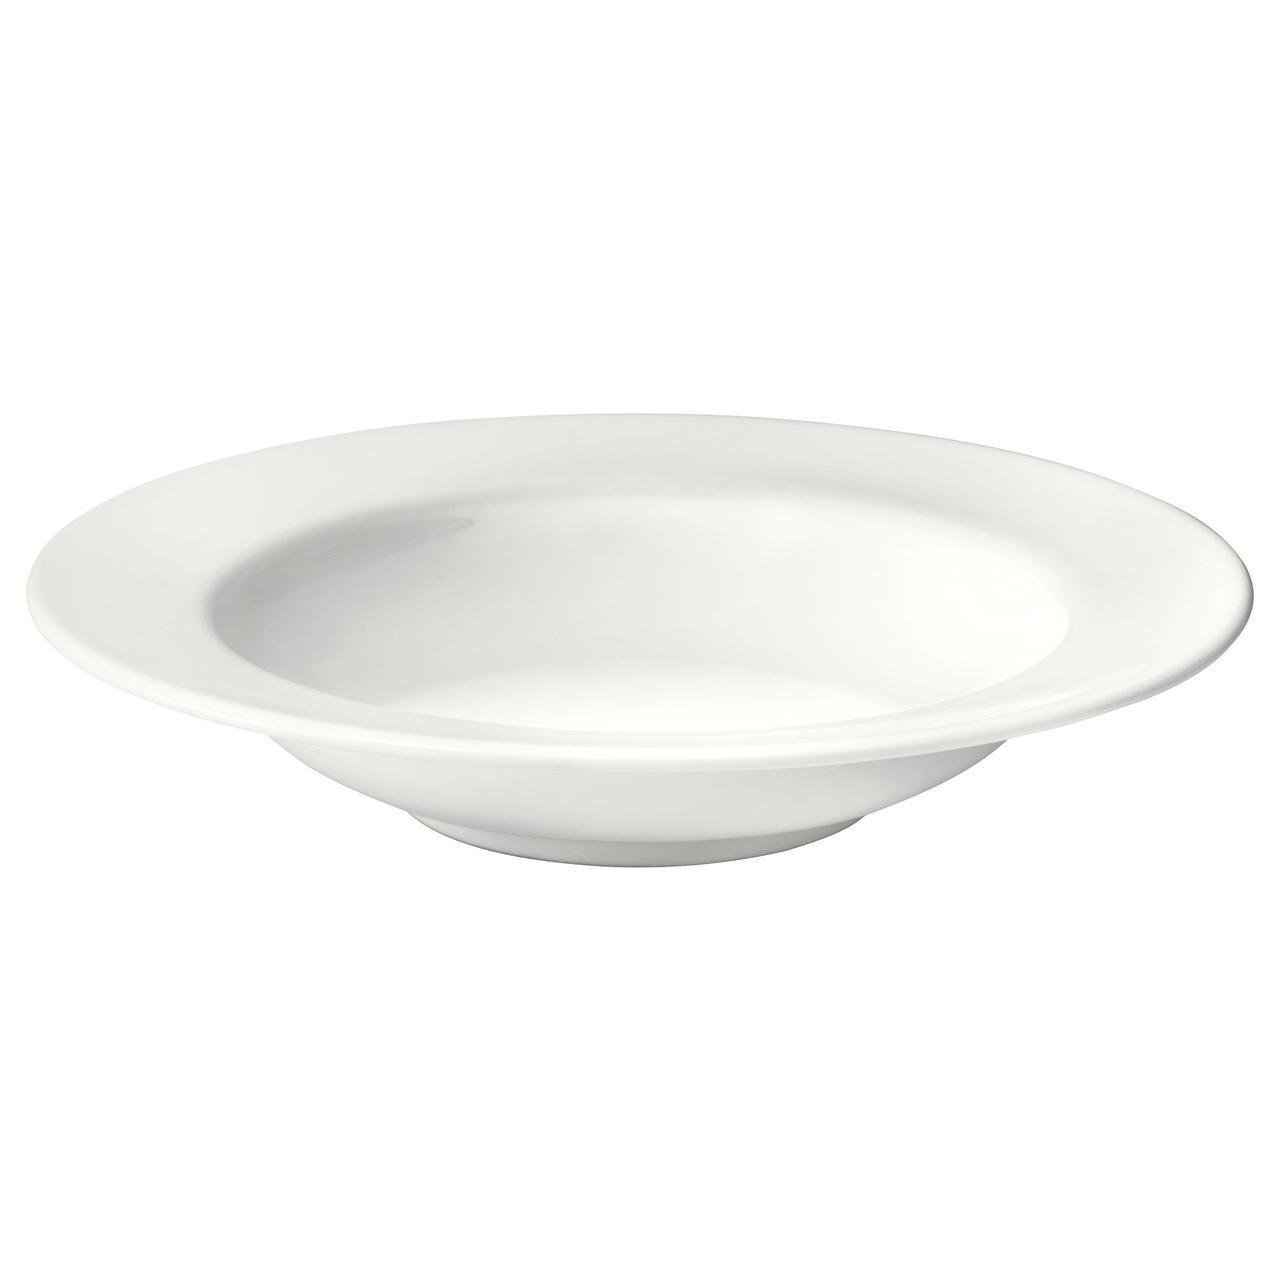 IKEA VARDAGEN (602.892.77) Глубокая, кремовая тарелка